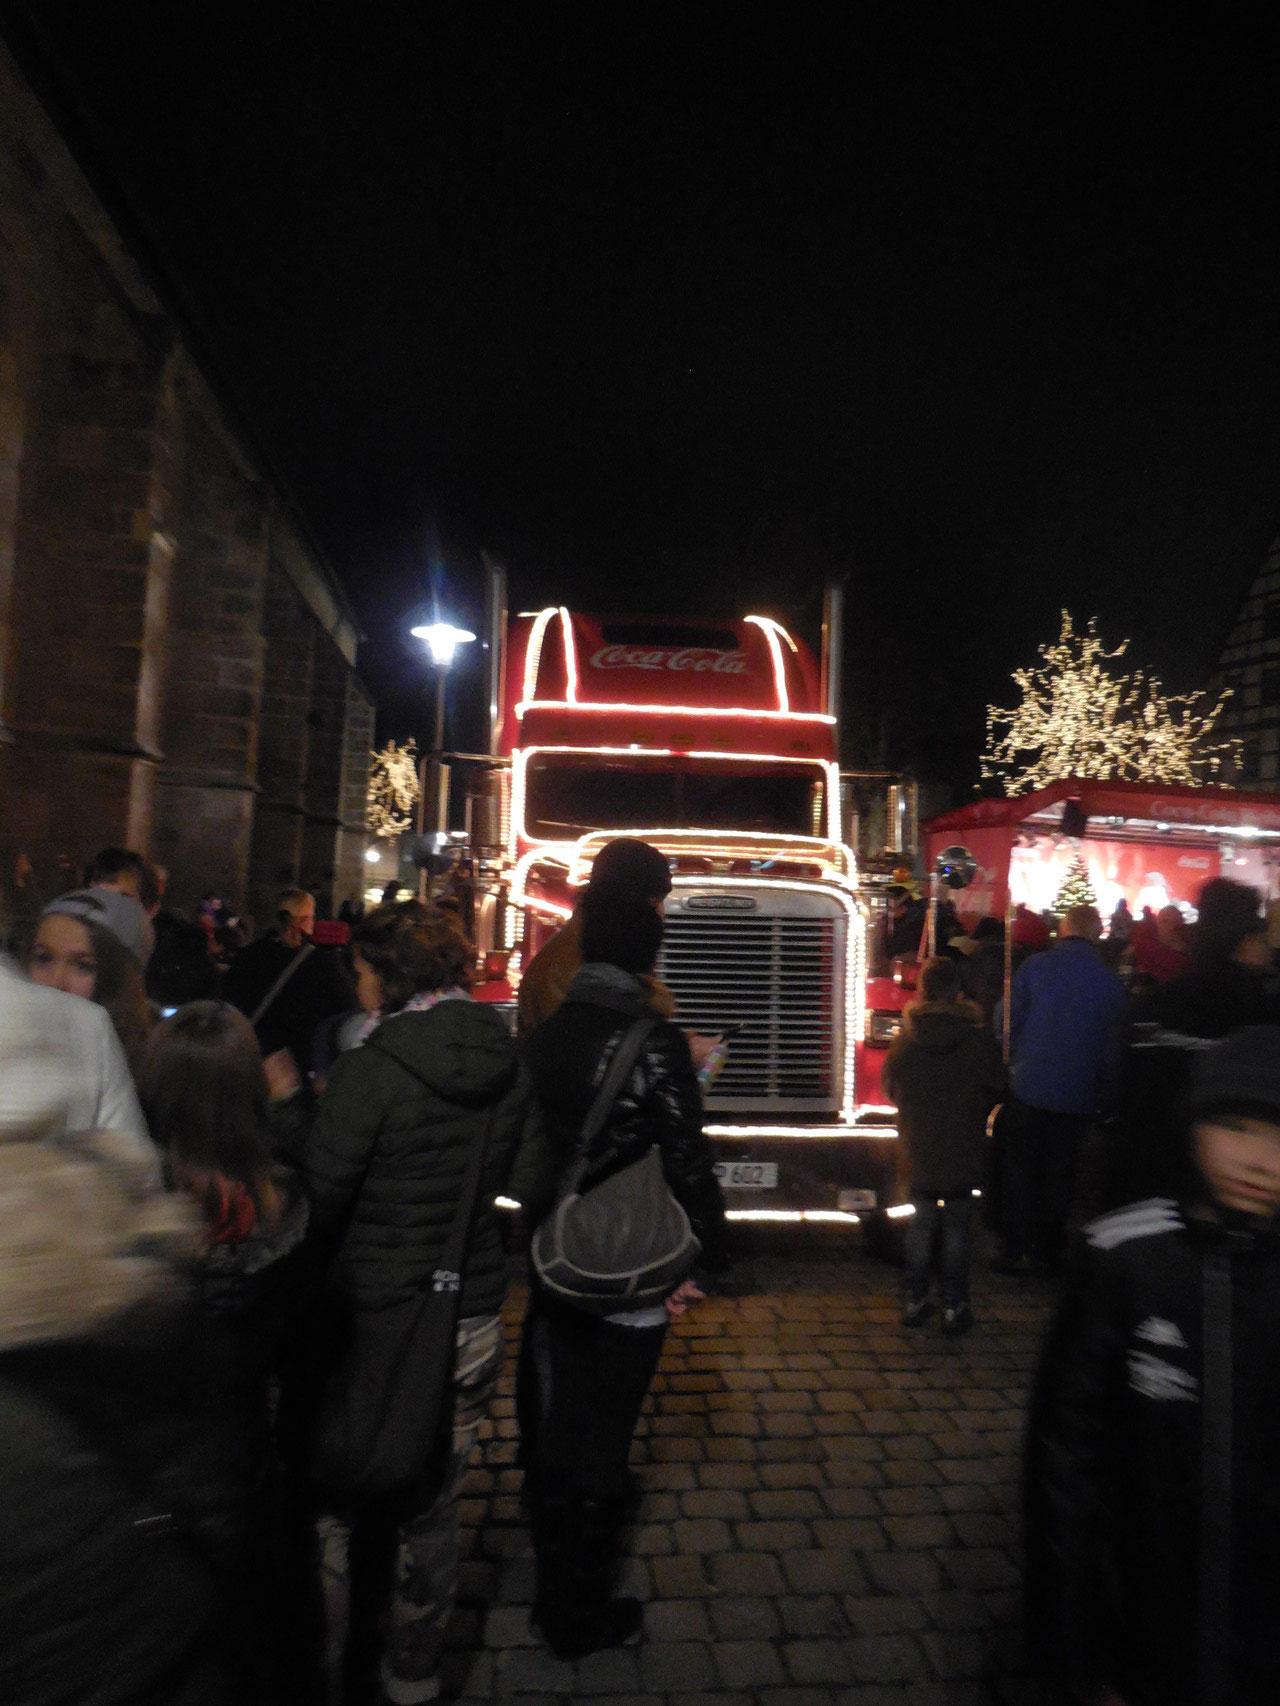 Der Weihnachts•truck von Coca Cola kommt nach Schwabach.